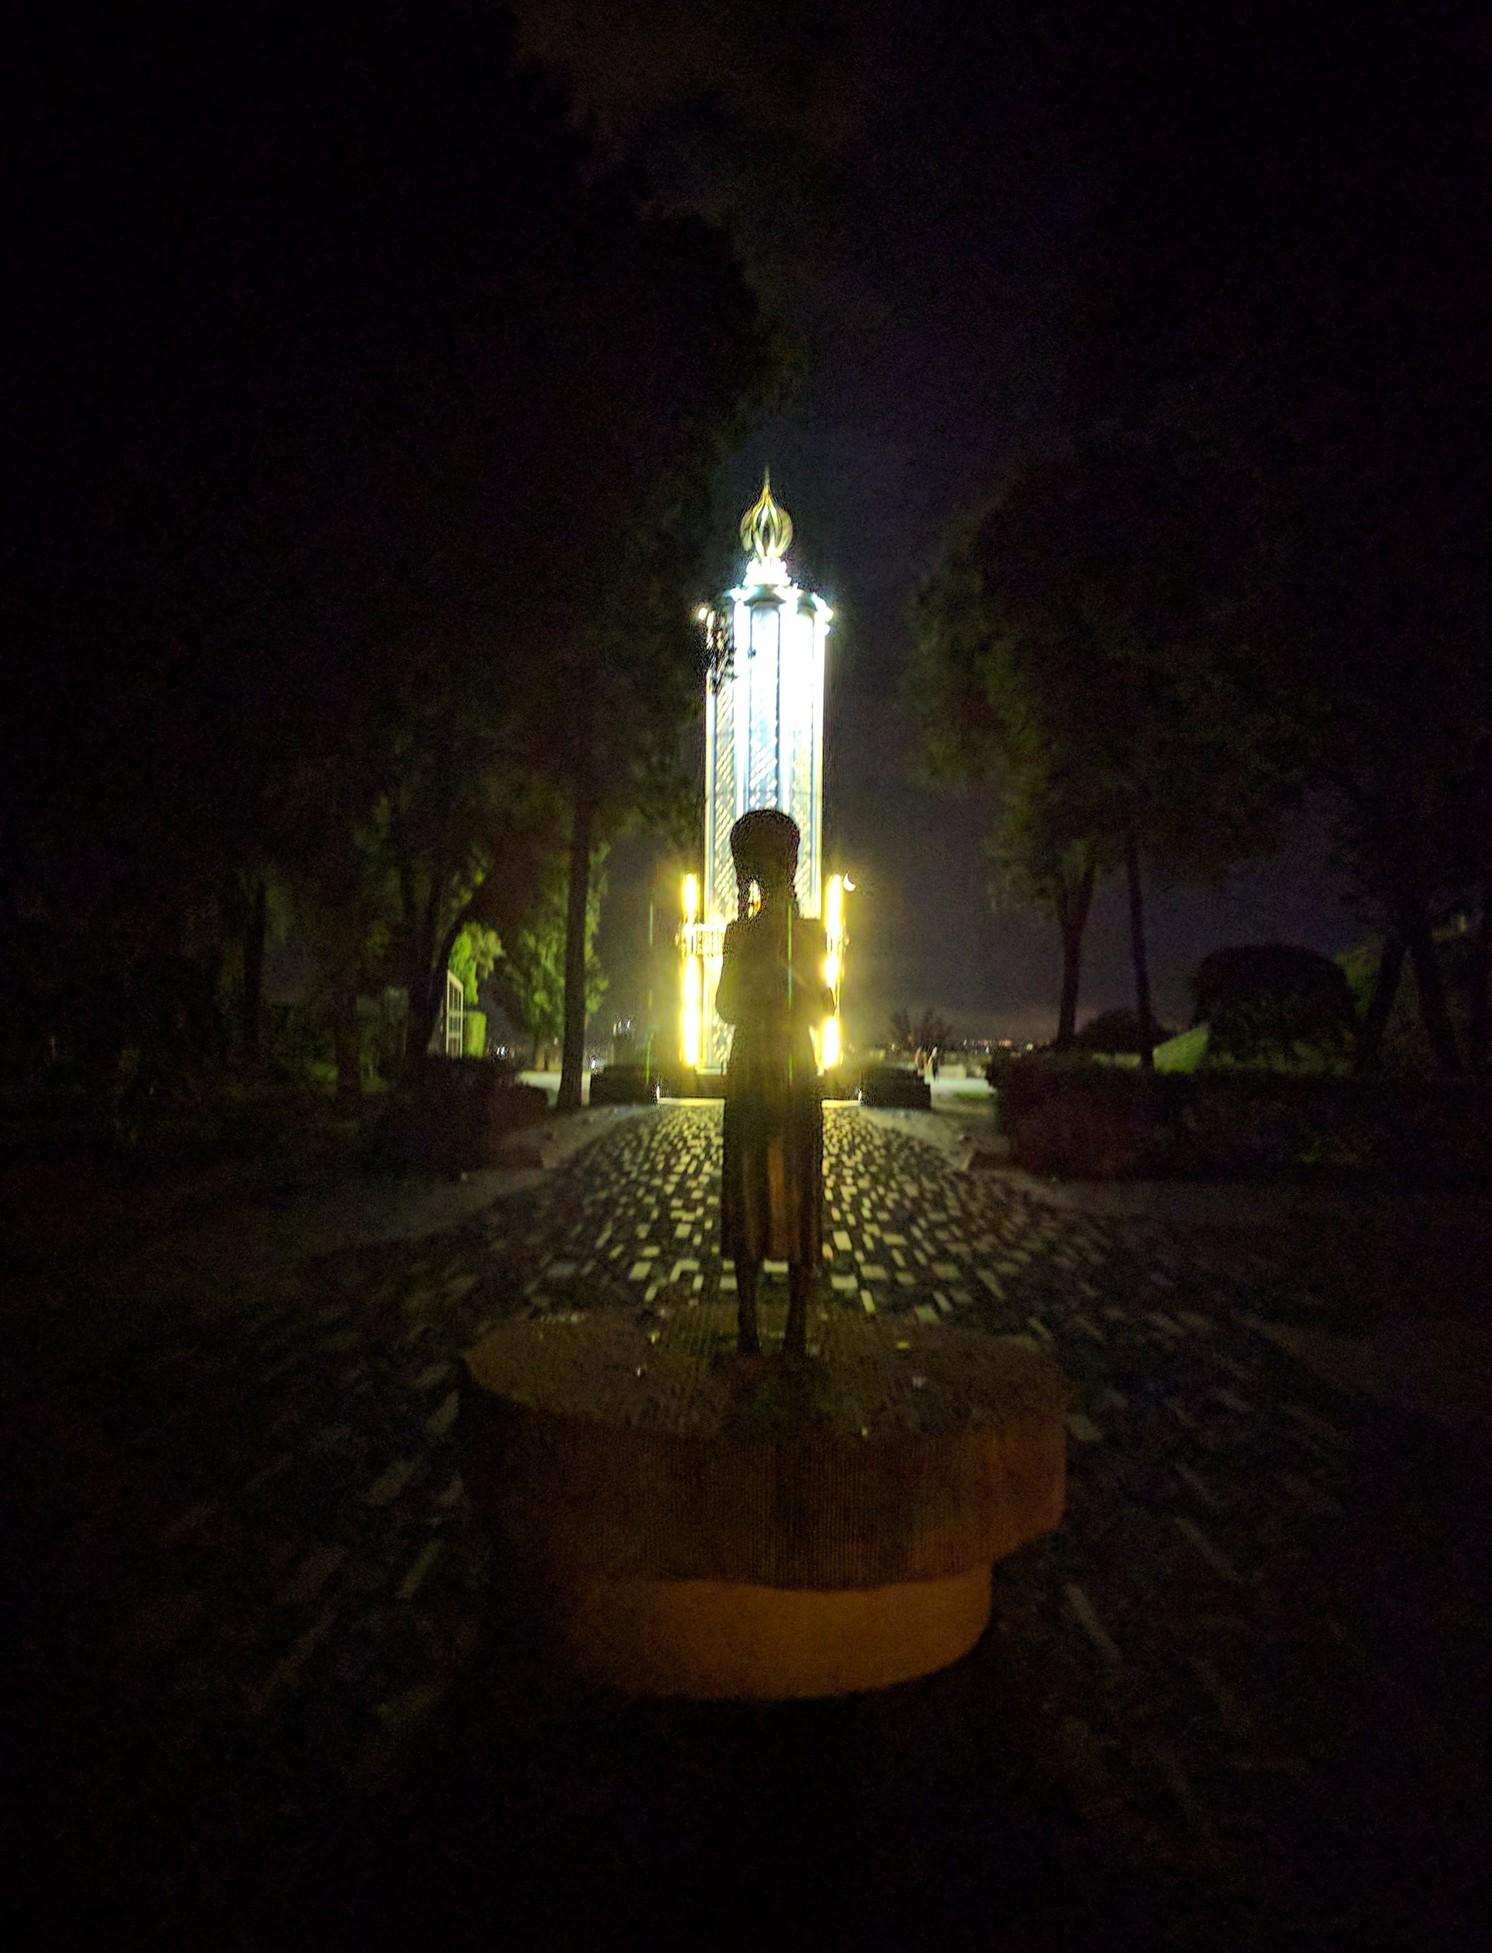 /images/ukrainian-genocide-statue.jpg